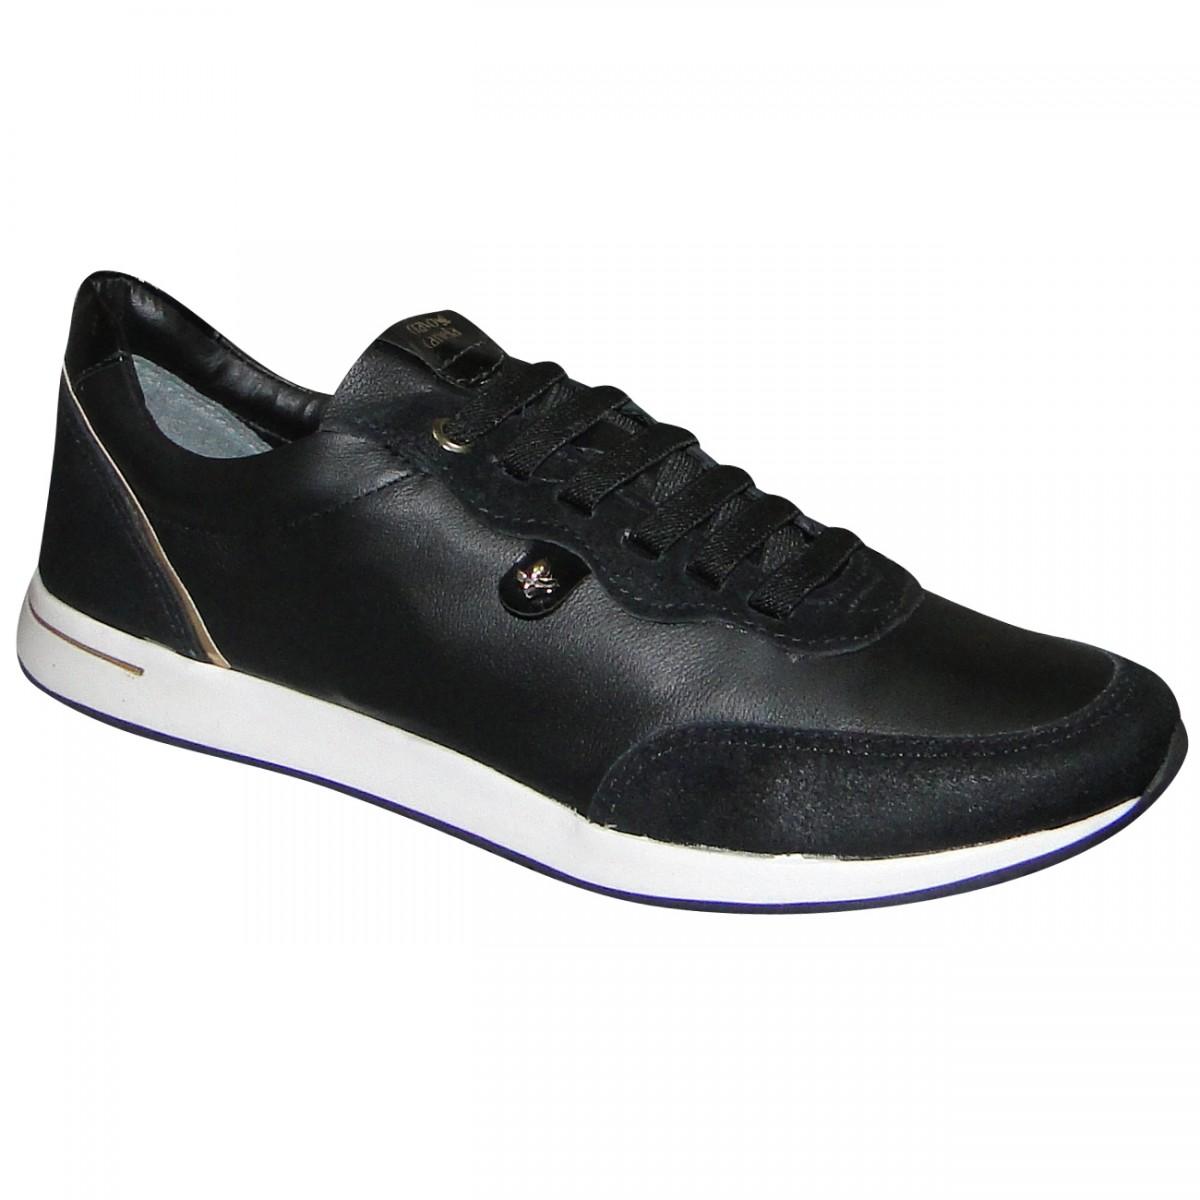 fe61010fc46 Tenis Cravo e Canela 97608 97608-3 - Preto - Chuteira Nike